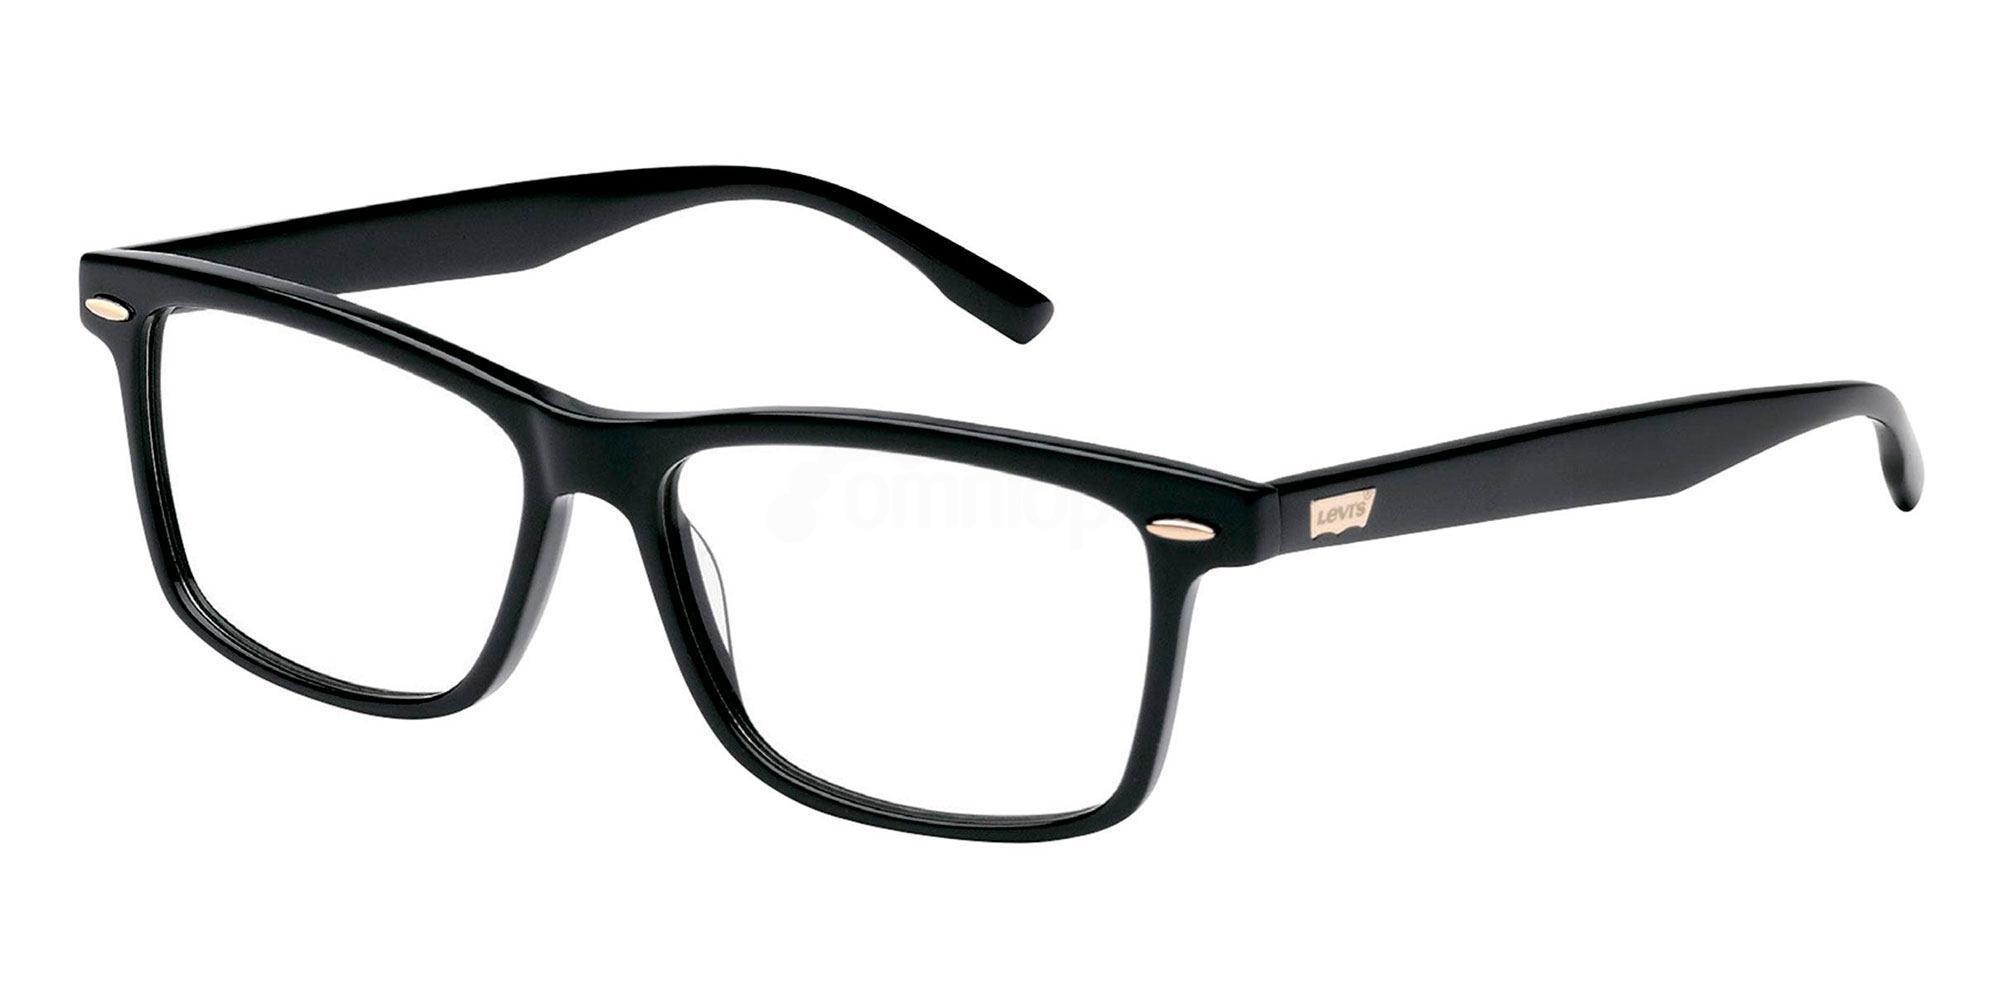 01 BLK LS122 , Levi's Eyewear